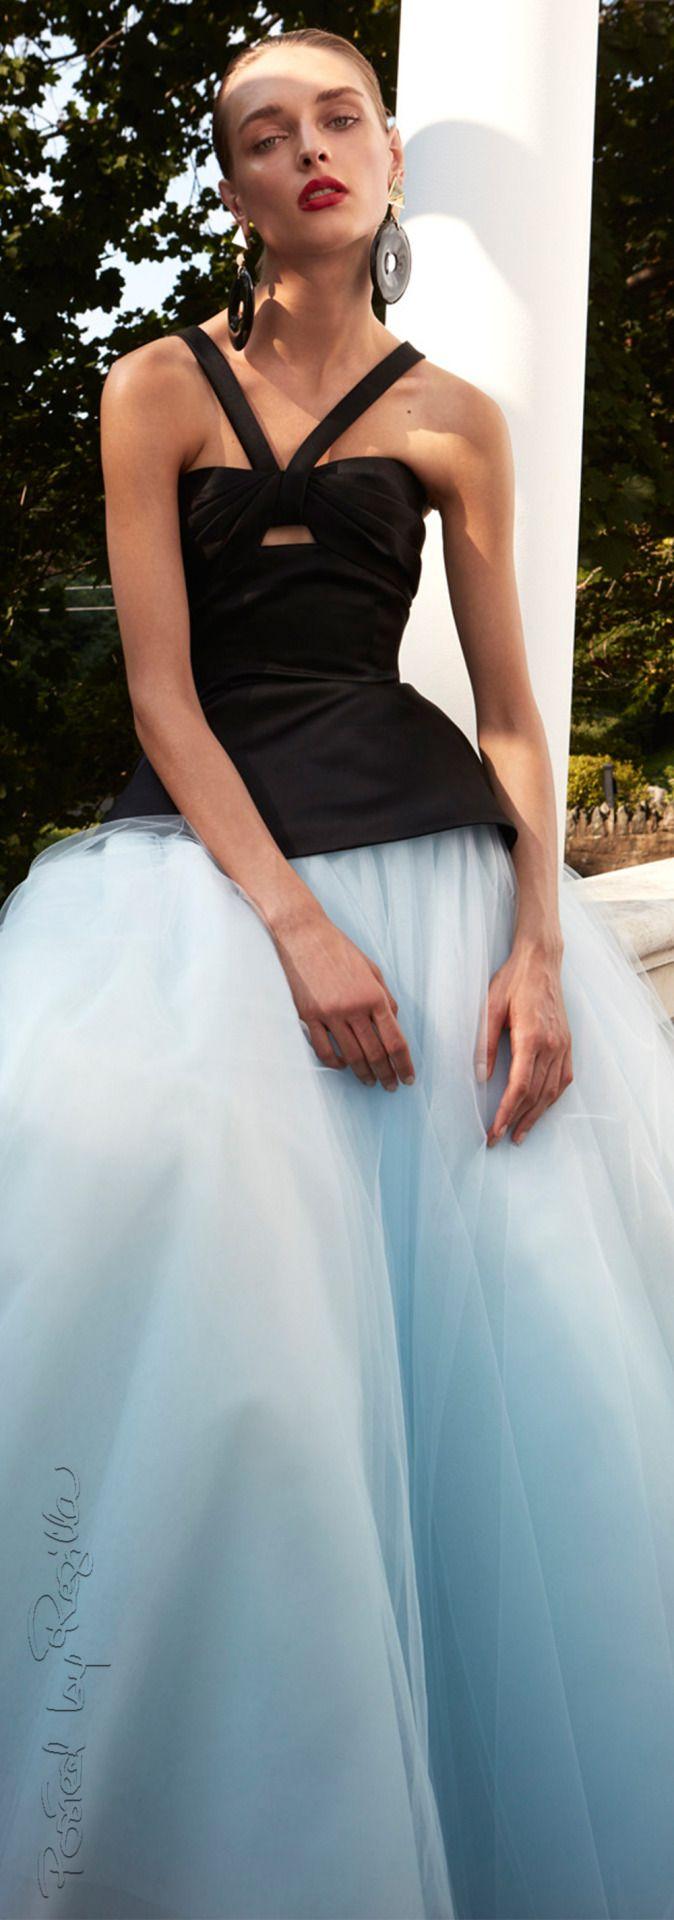 3625 best Tules images on Pinterest | Curve dresses, Cute dresses ...